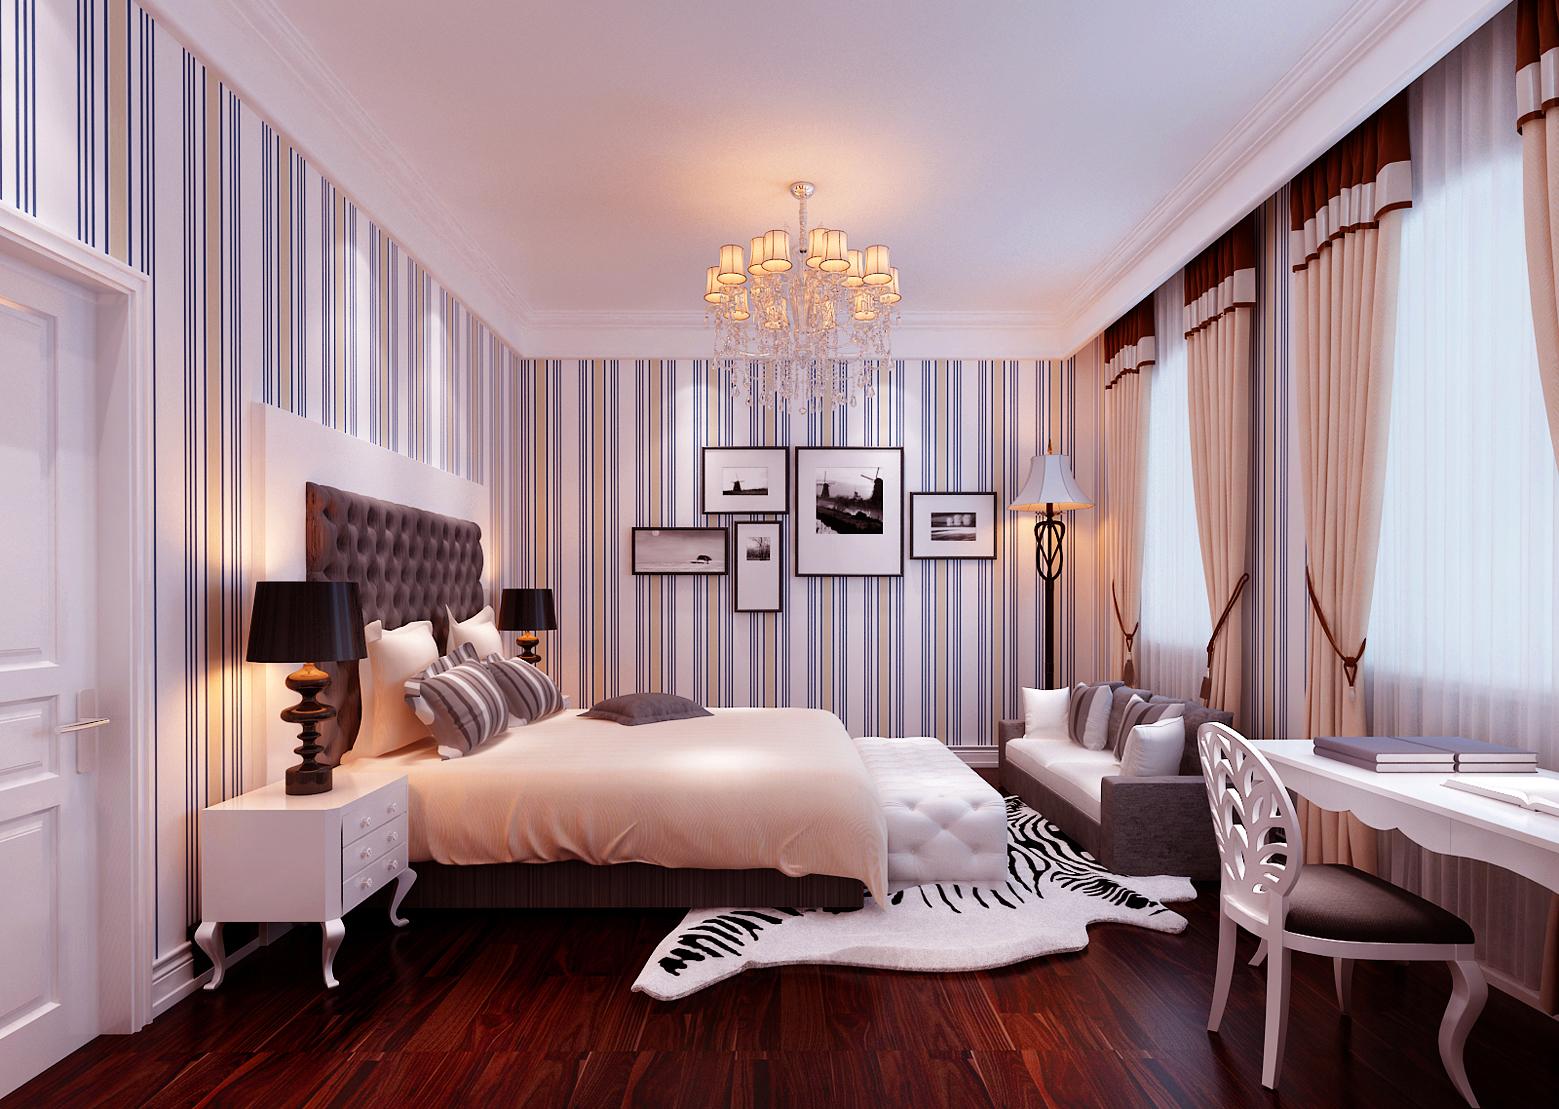 简约 欧式 混搭 别墅 白领 收纳 80后 小资 卧室图片来自实创装饰百灵在大宁山庄独栋600平米混搭别墅的分享